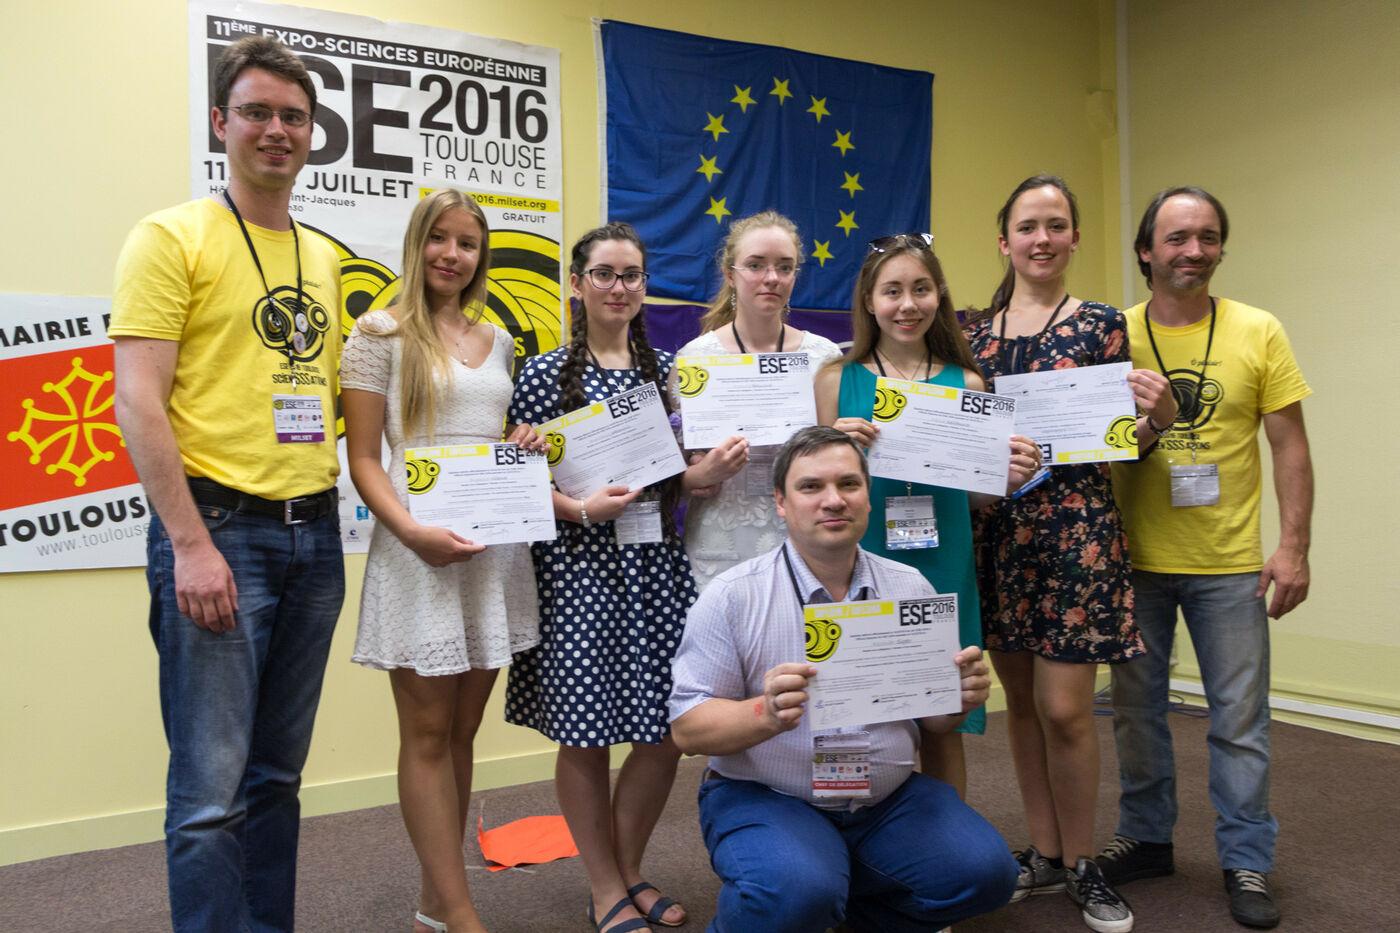 Учащиеся СУНЦ на MILSET Expo-Science Europe